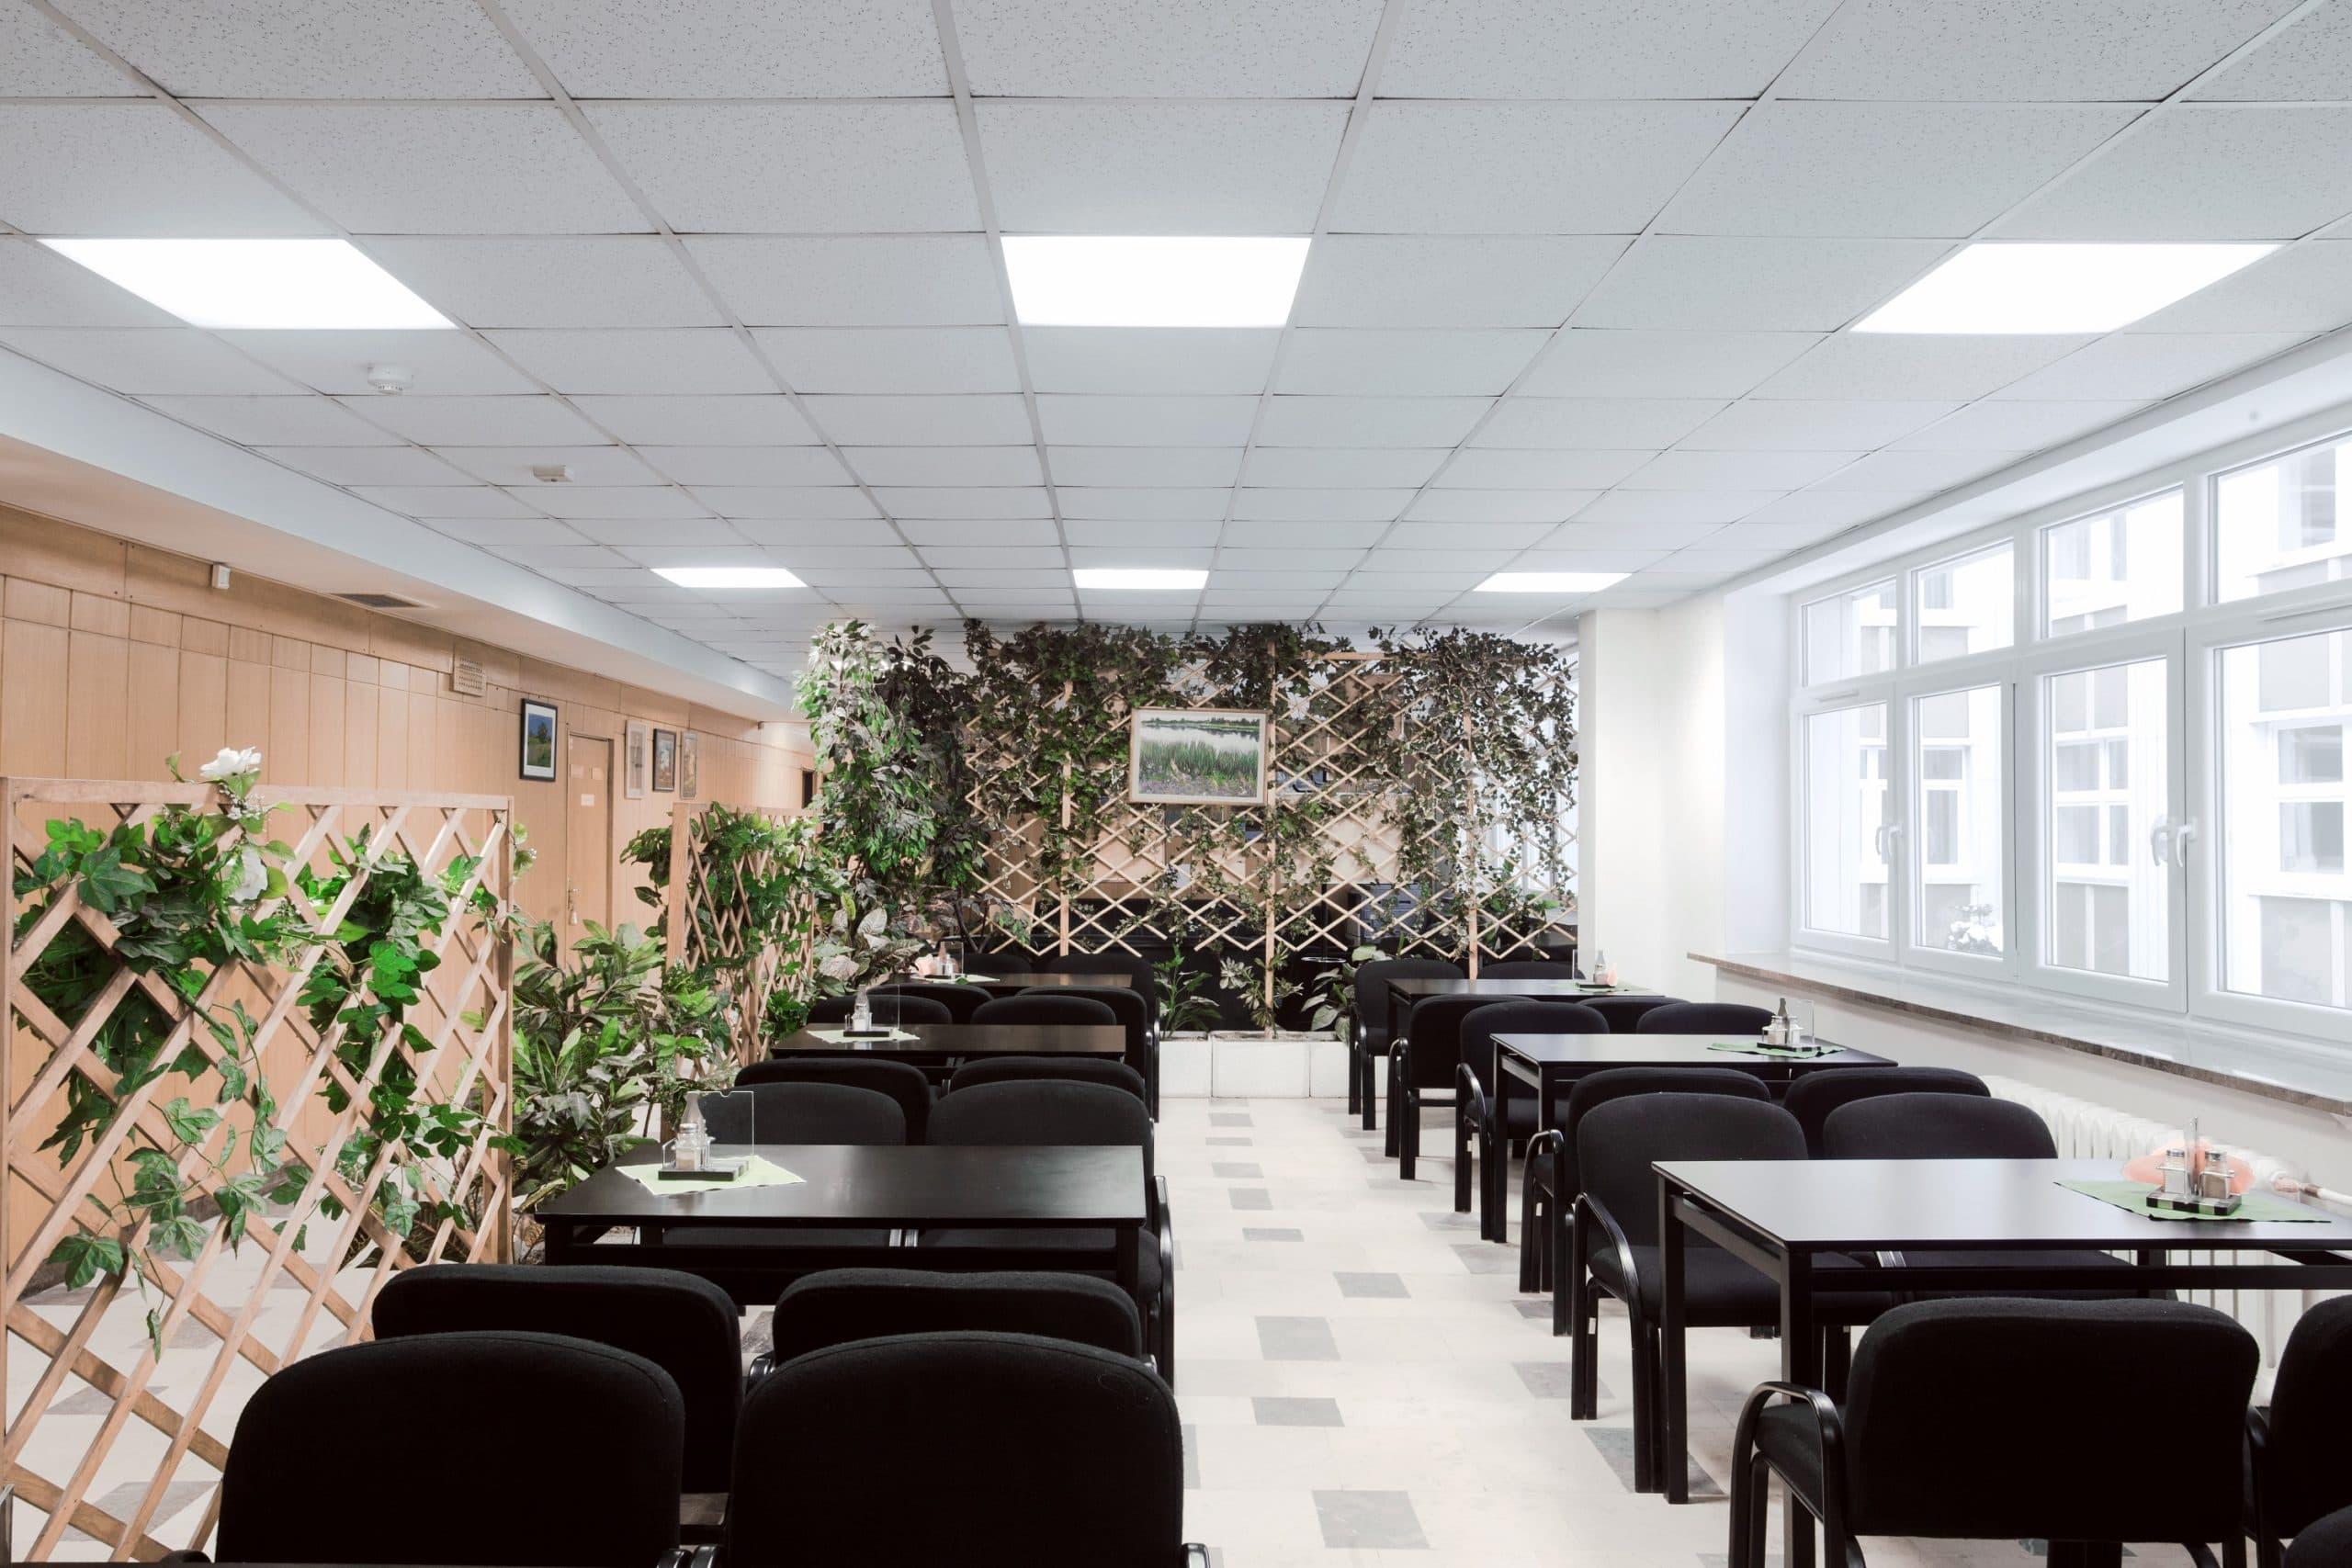 oprawy biurowe Edge w zmodernizowanym budynku w Polskiej Akademii Nauk - Luxon LED